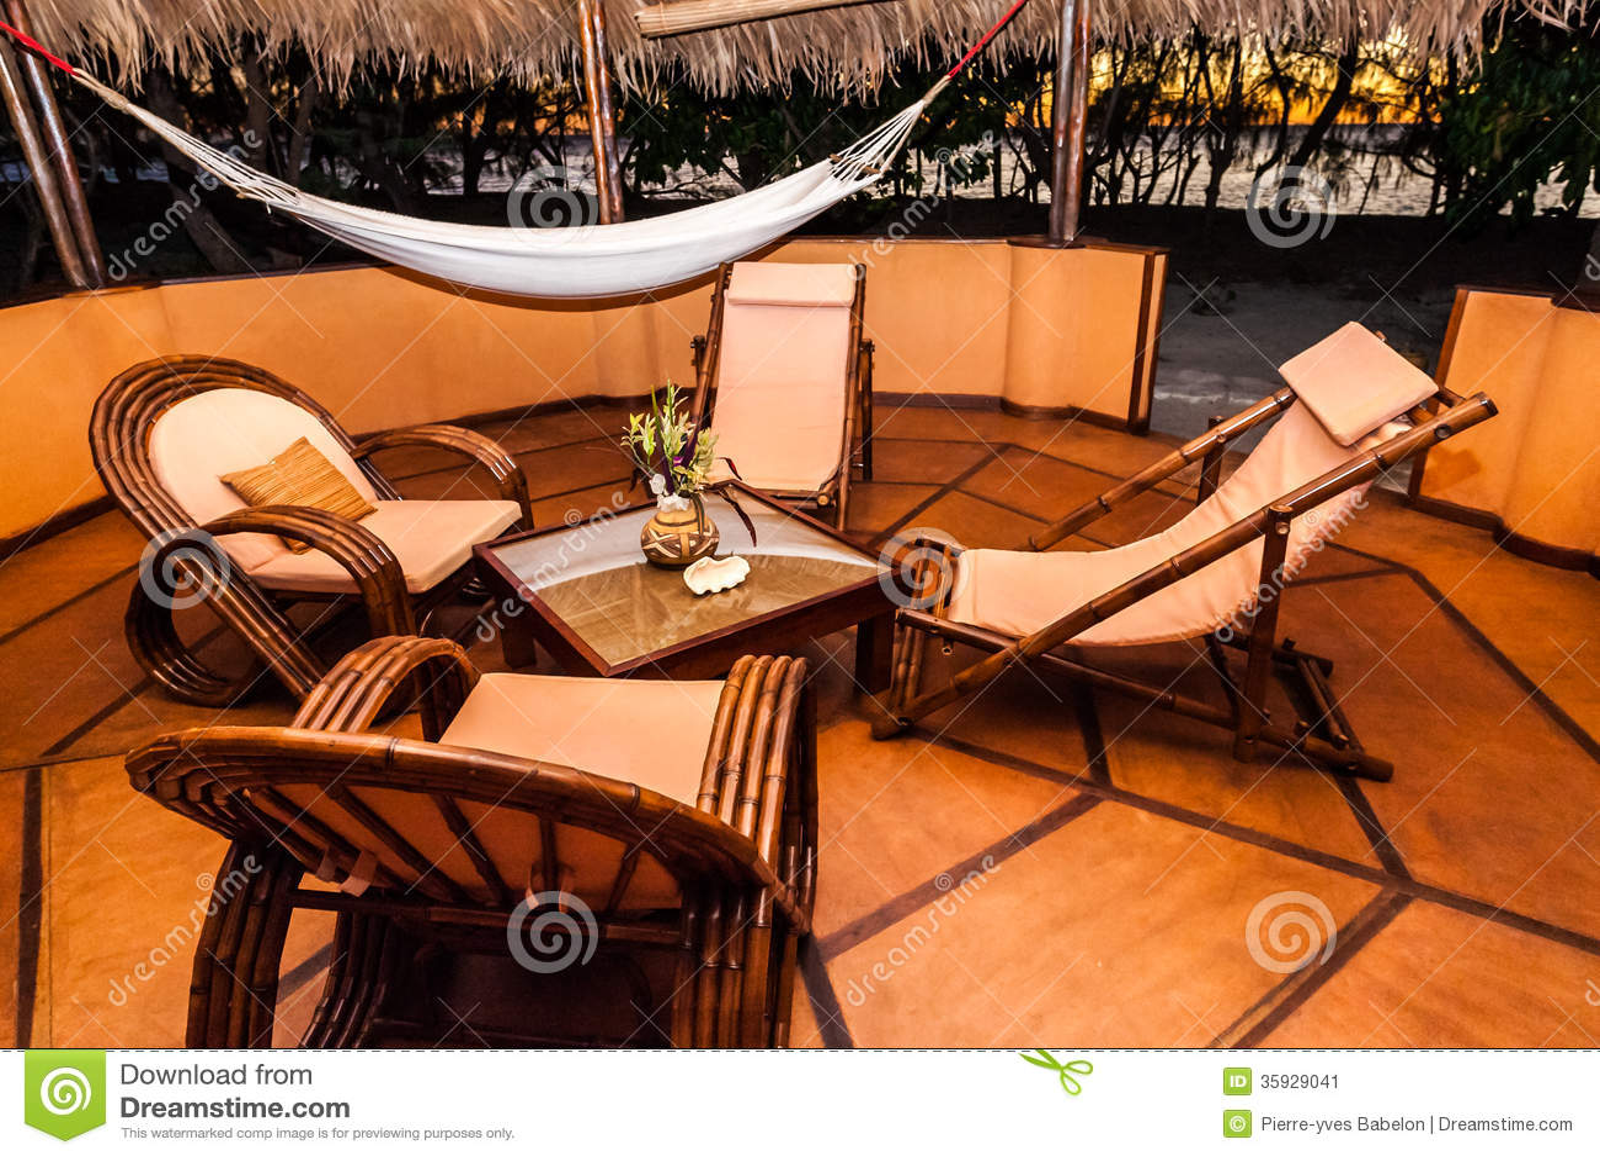 Terraza De La Casa De Planta Baja Imagen De Archivo Imagen